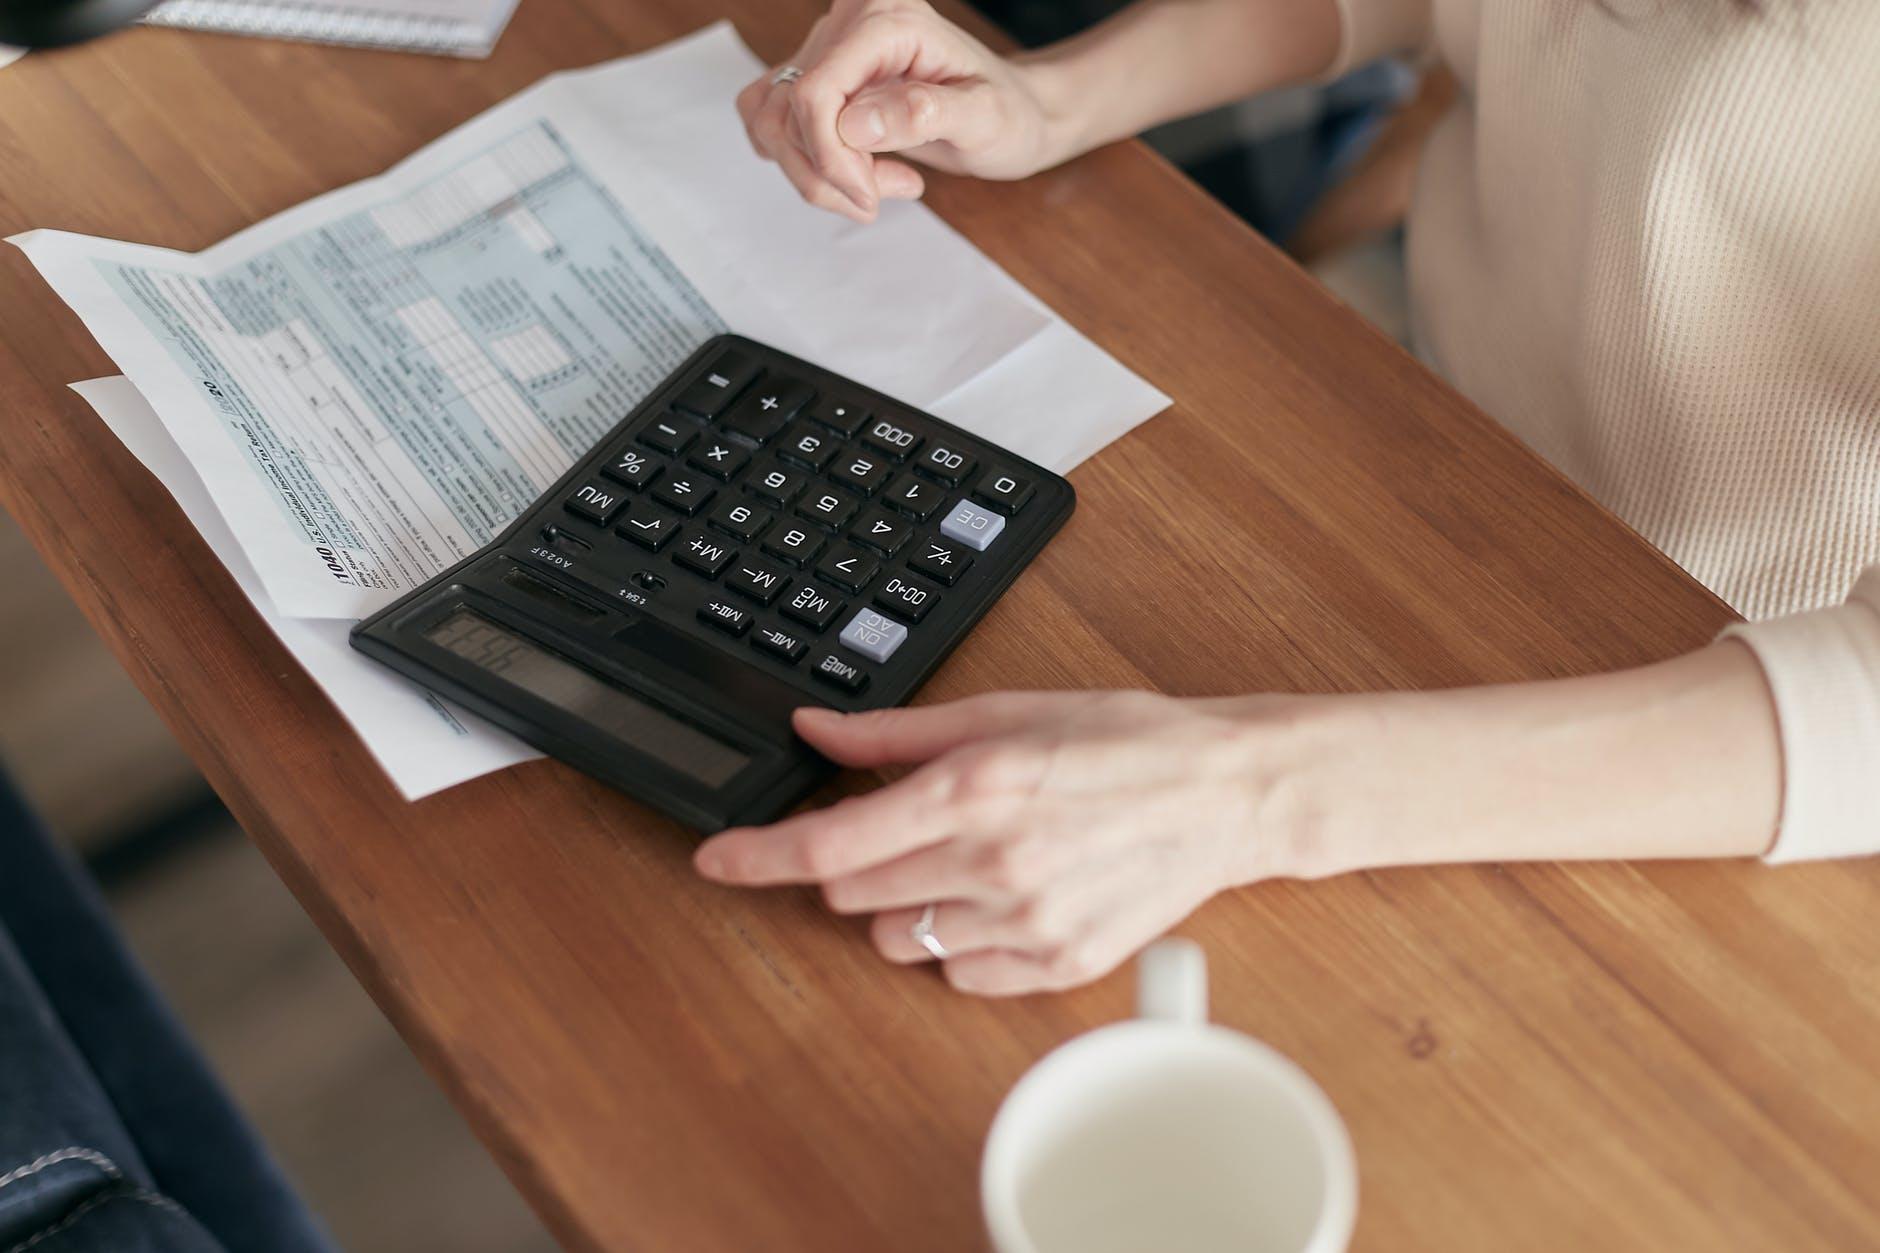 Prefis viabiliza pagamento de tributos em atraso com descontos de juros e multas